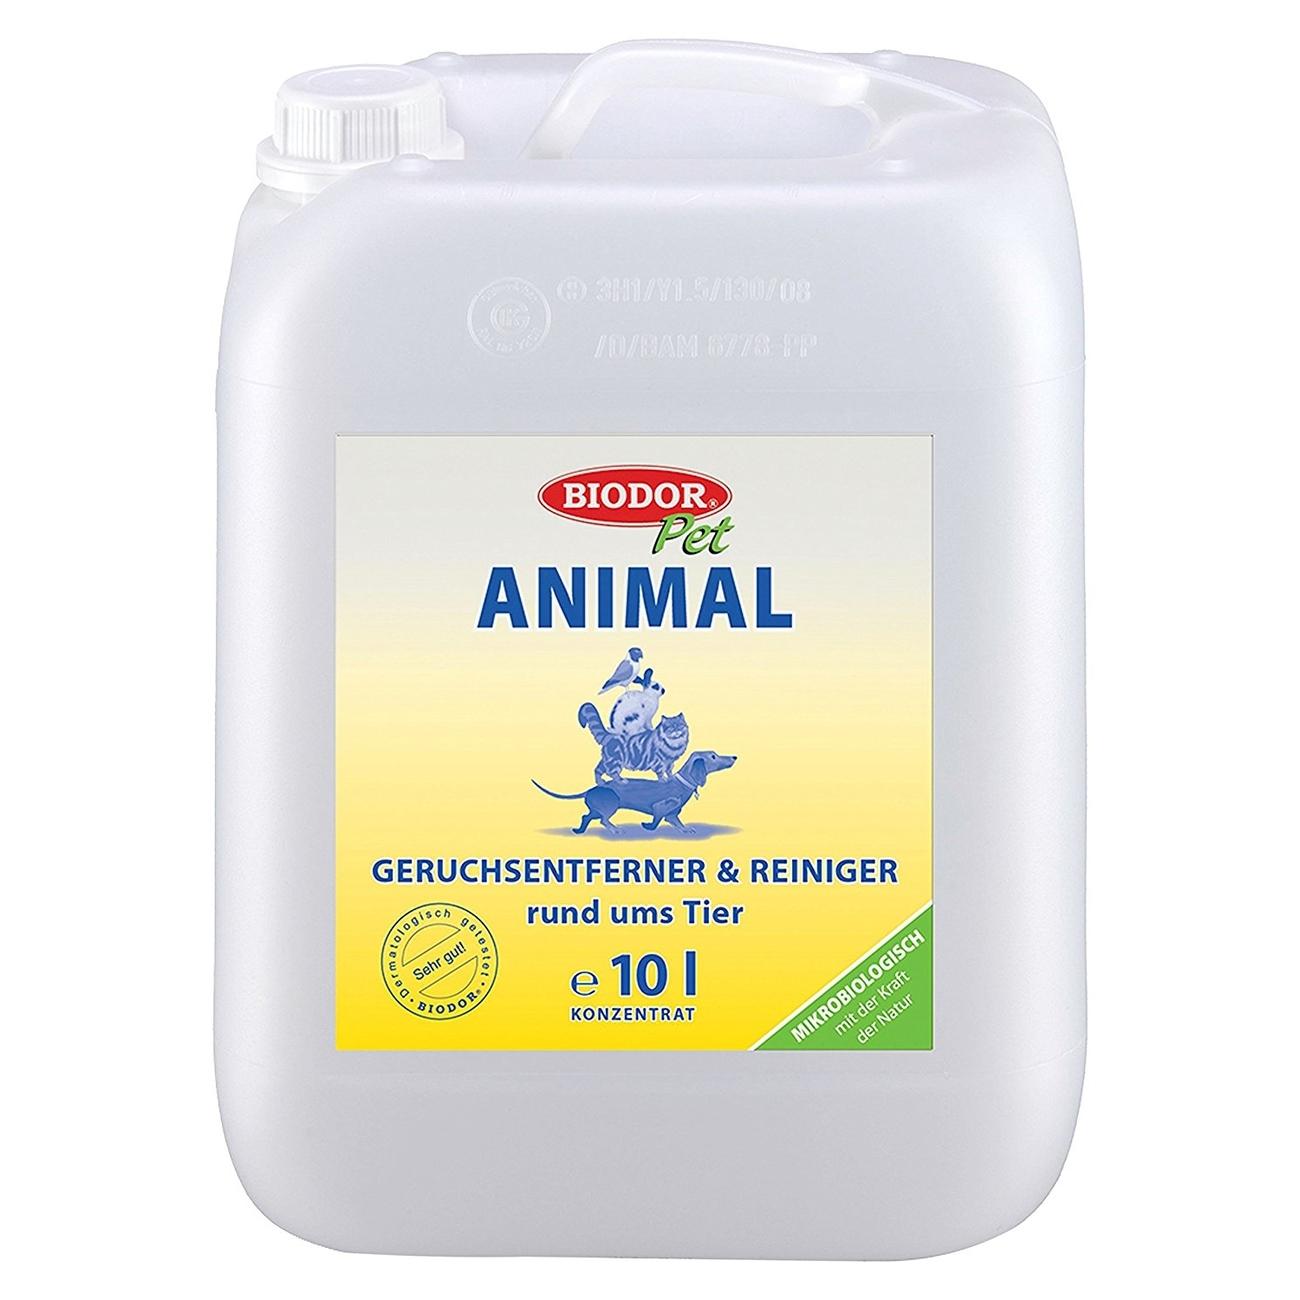 Biodor Animal Geruchsentferner Animal rund ums Tier, Bild 2